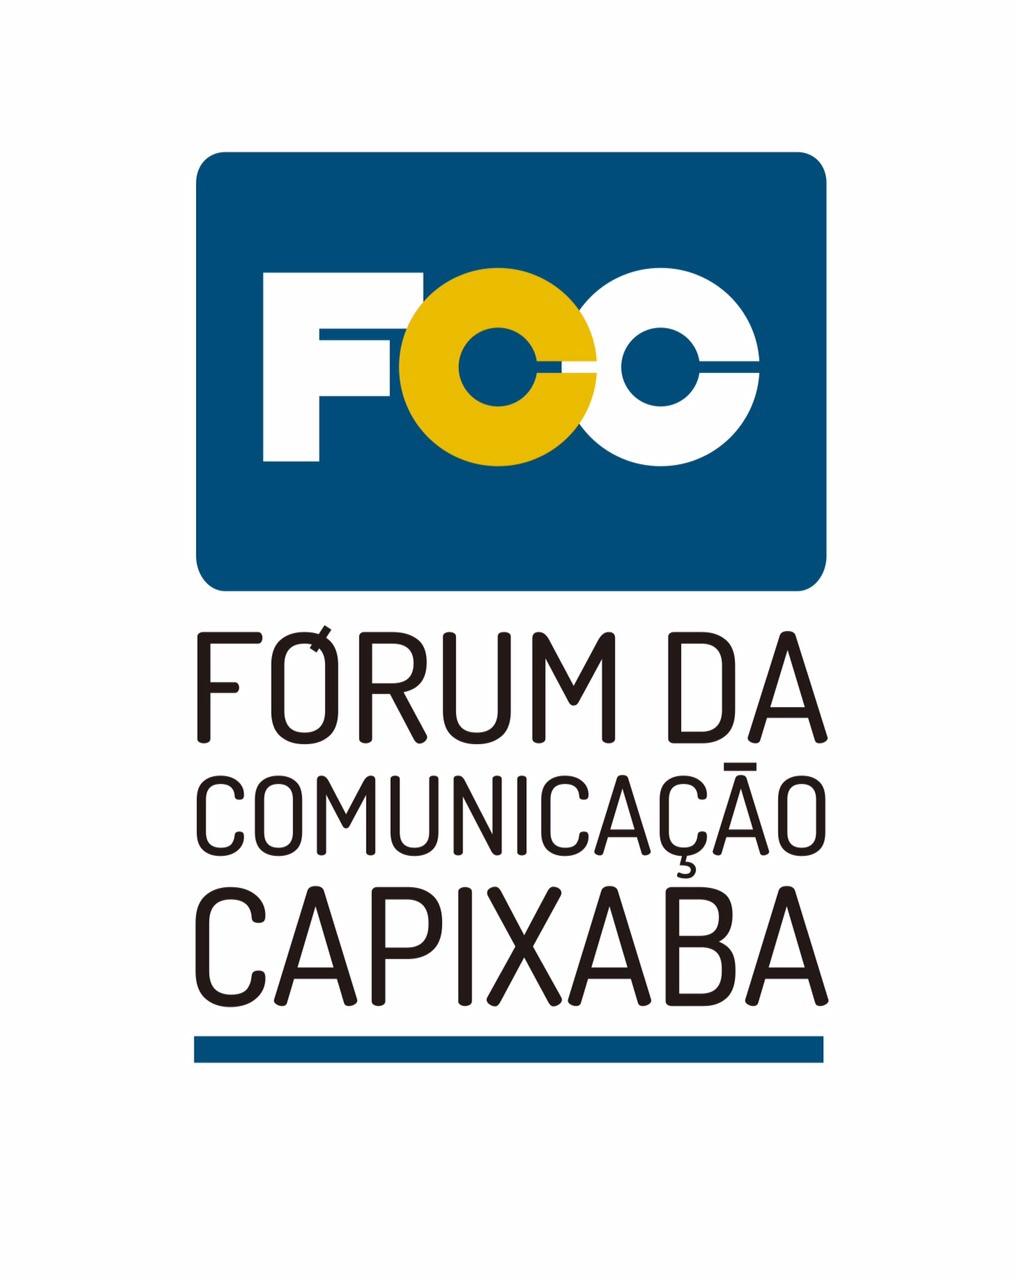 Primeira parte da Campanha do FCC já está aprovada